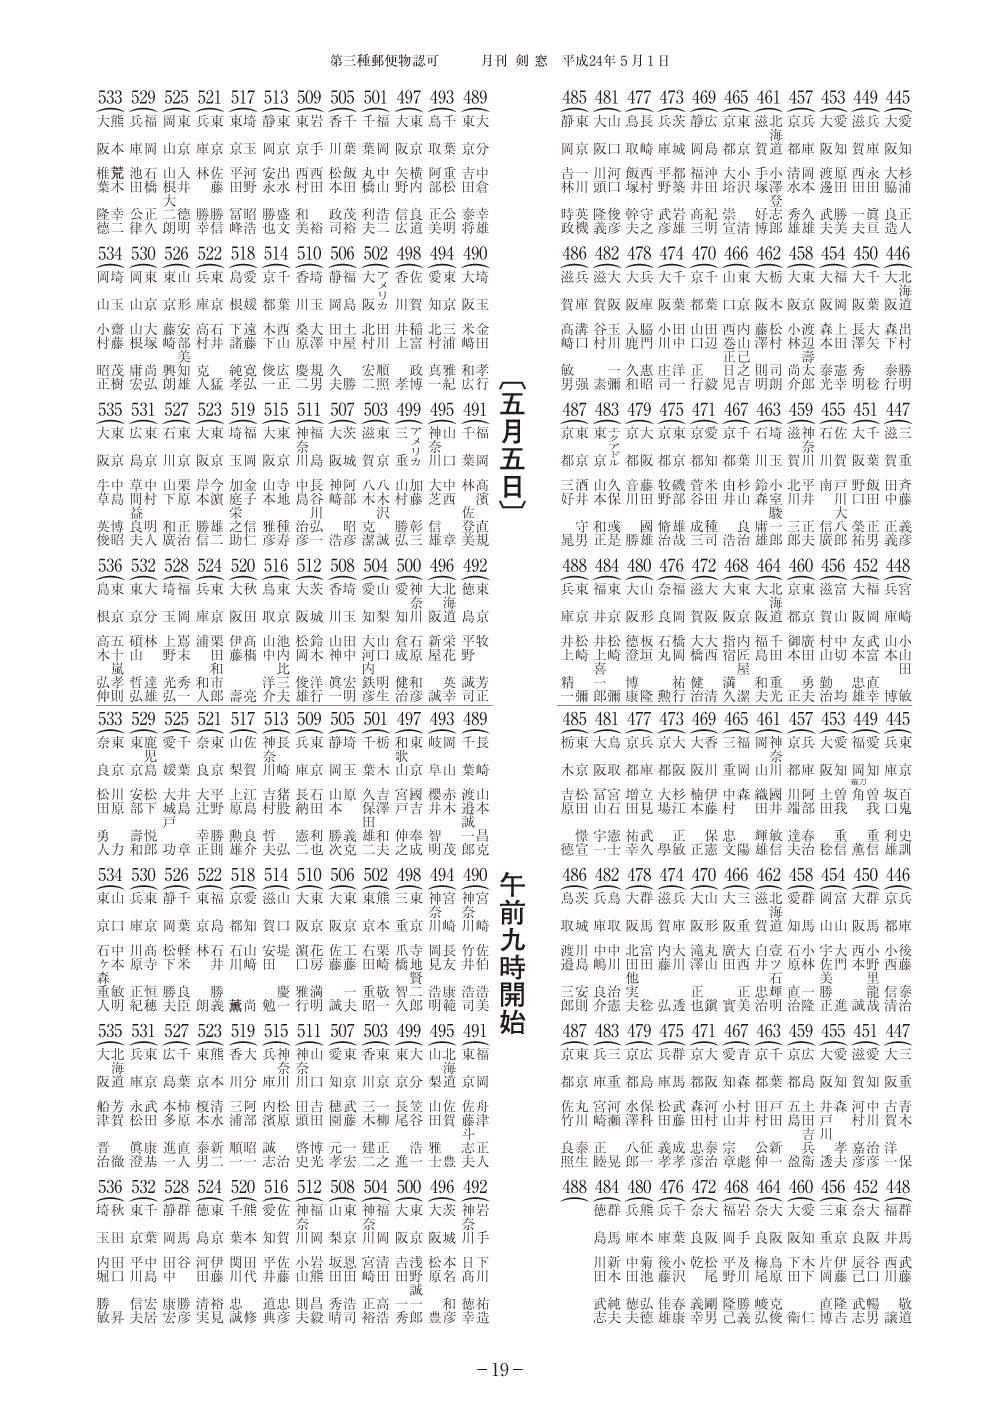 第108回全日本剣道演武大会(剣道)組合せ_006